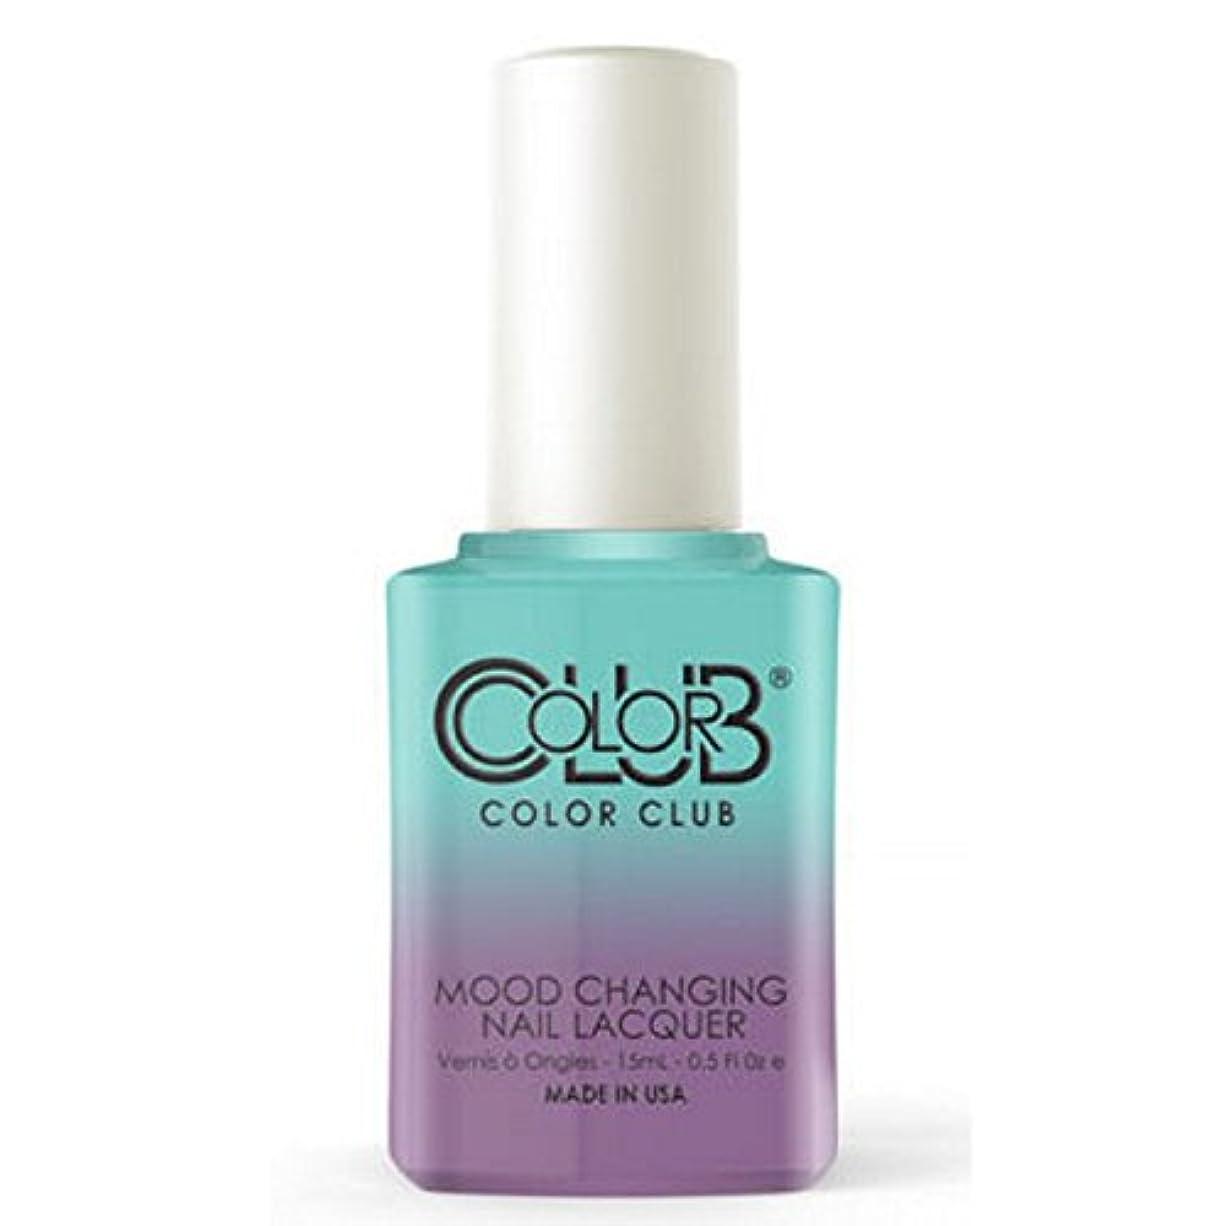 検体集める手を差し伸べるColor Club Mood Changing Nail Lacquer - Serene Green - 15 mL / 0.5 fl oz